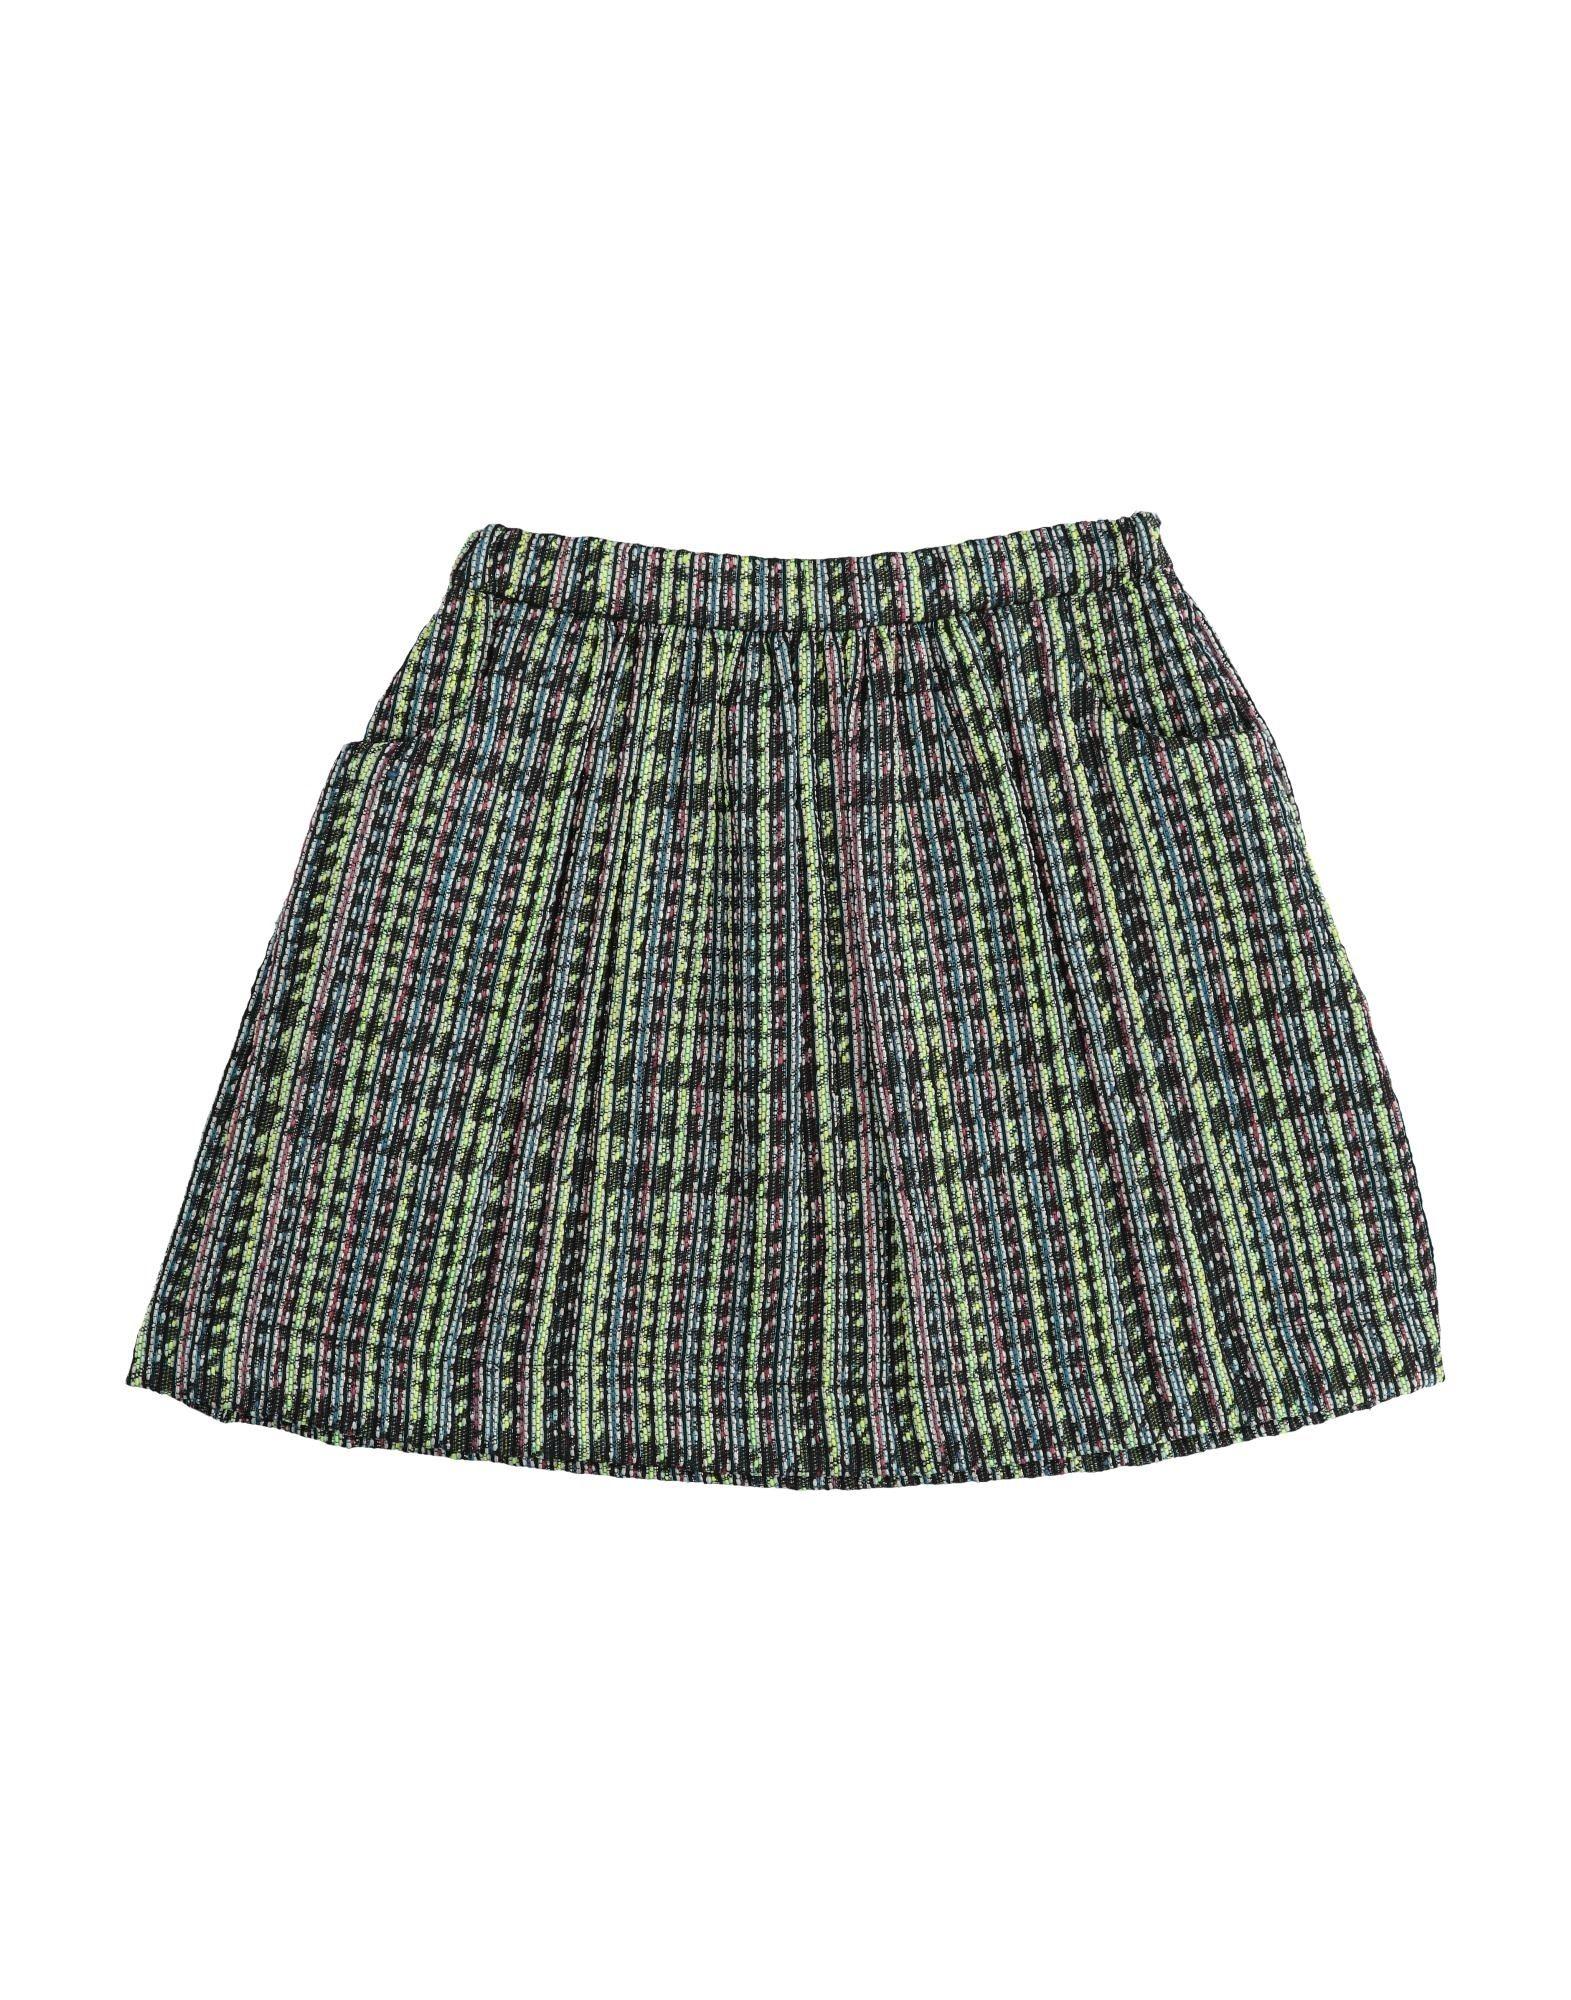 Capsule By Arabeth Kids' Skirts In Black